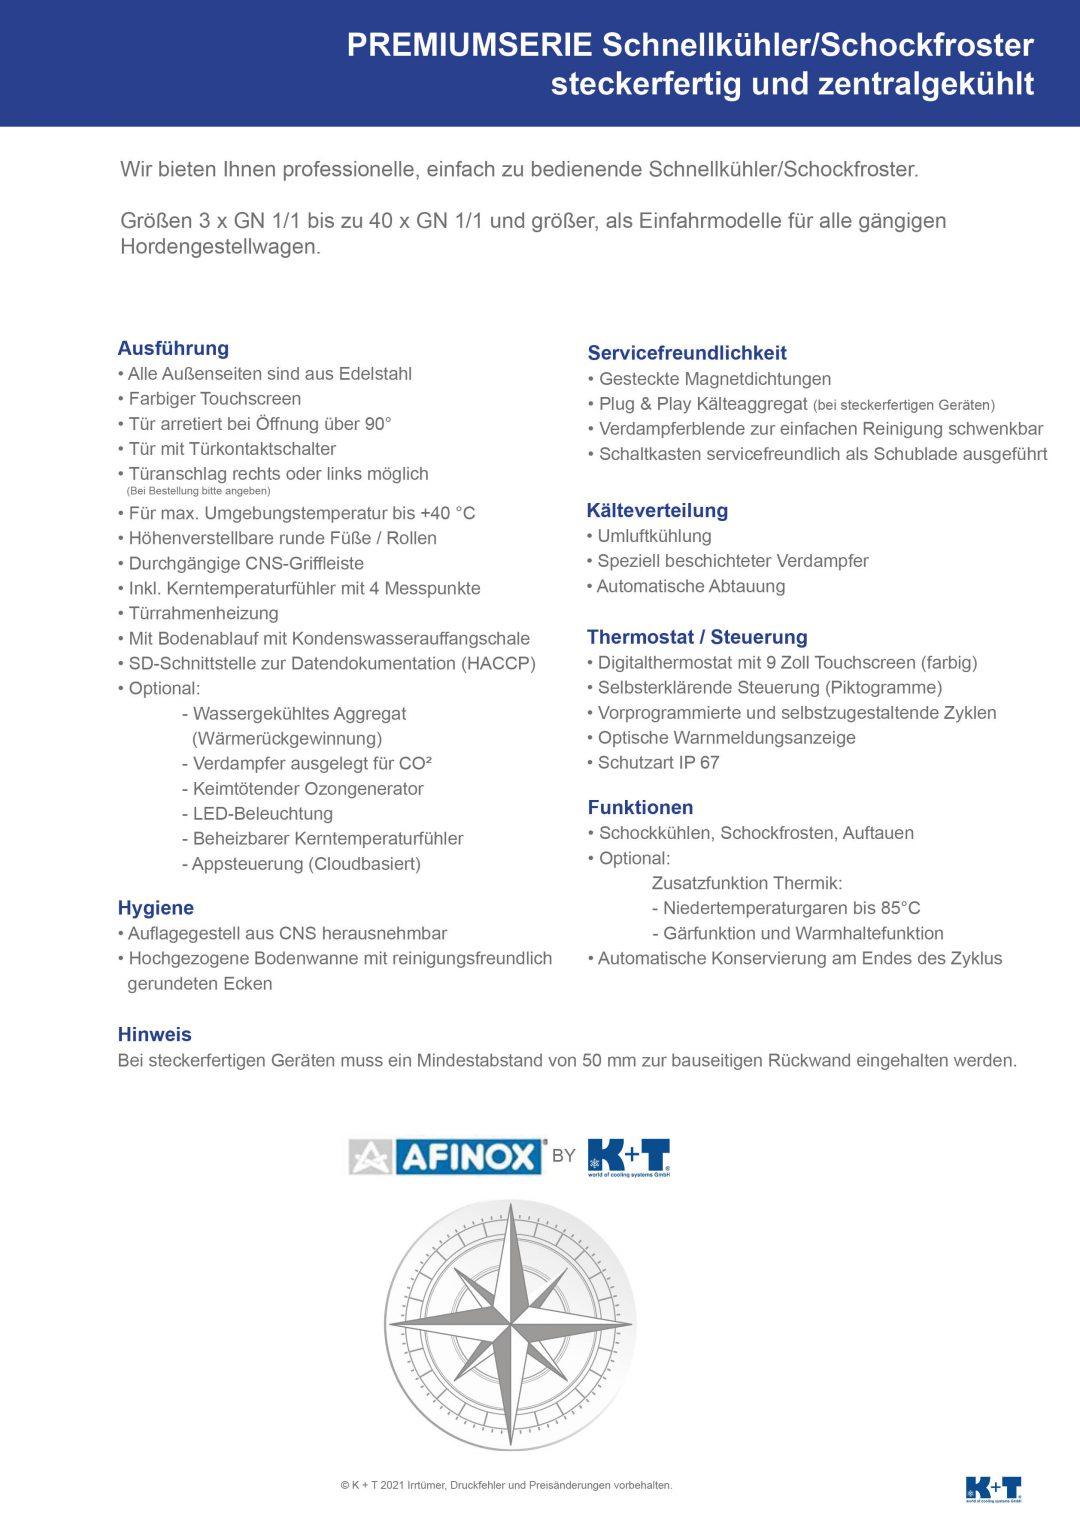 Schnellkühler_Schockfroster_Flyer 2021 S2